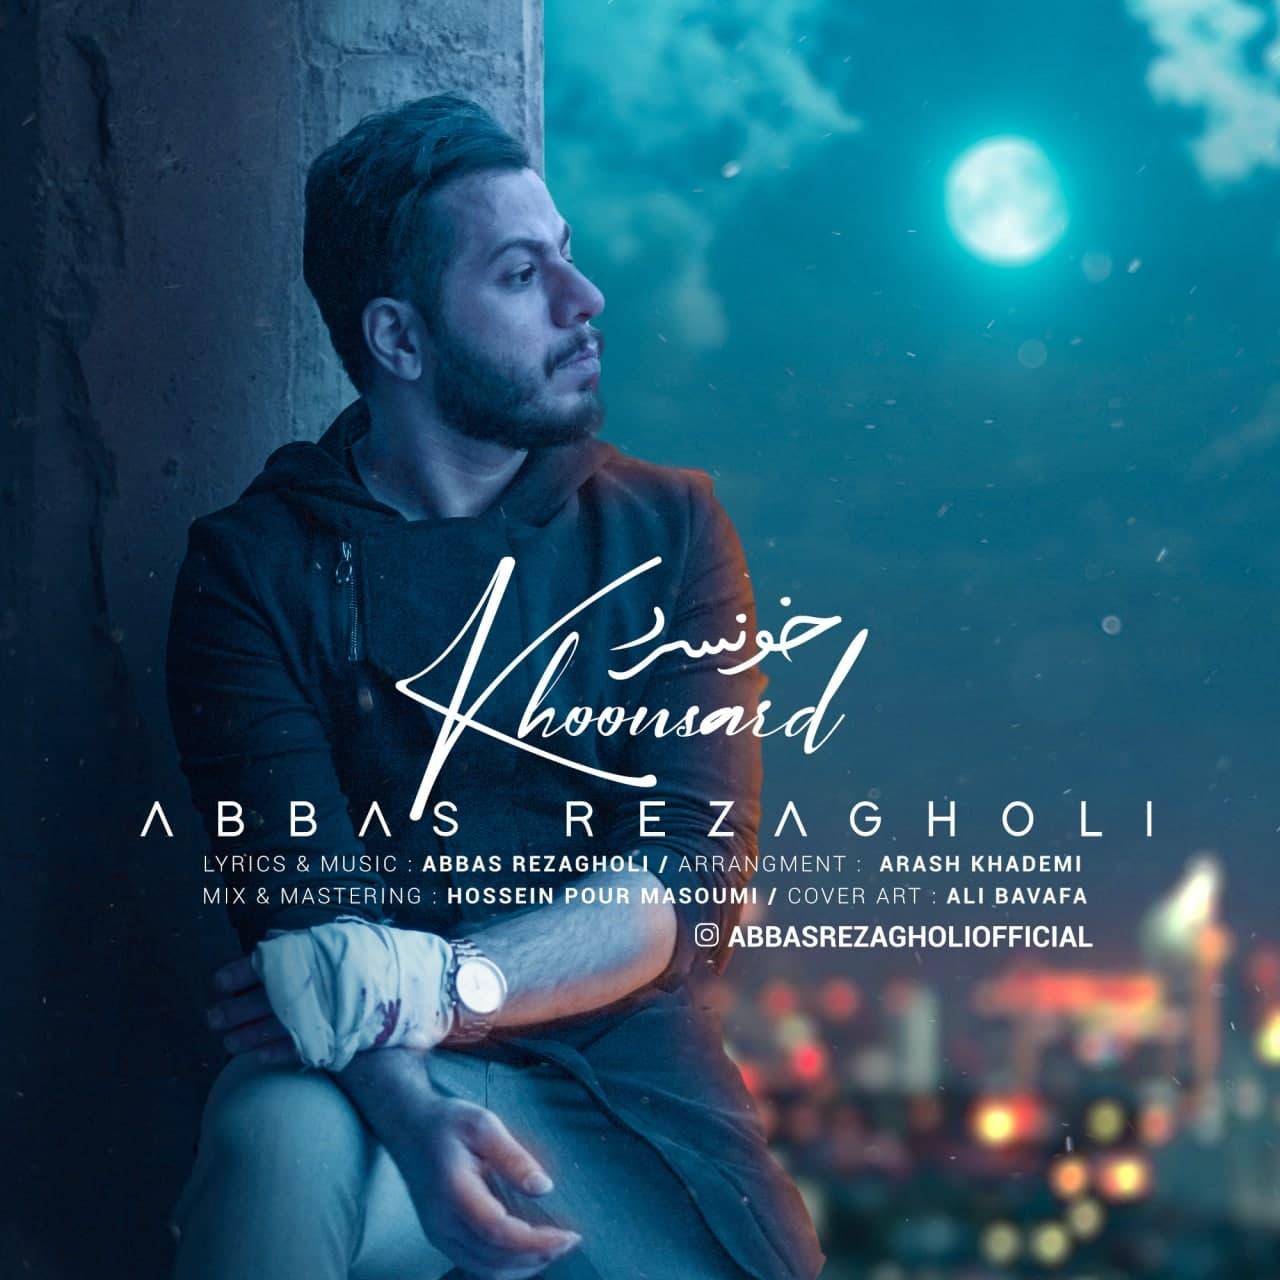 دانلود آهنگ عباس رضاقلی به نام خونسرد از موزیک باز